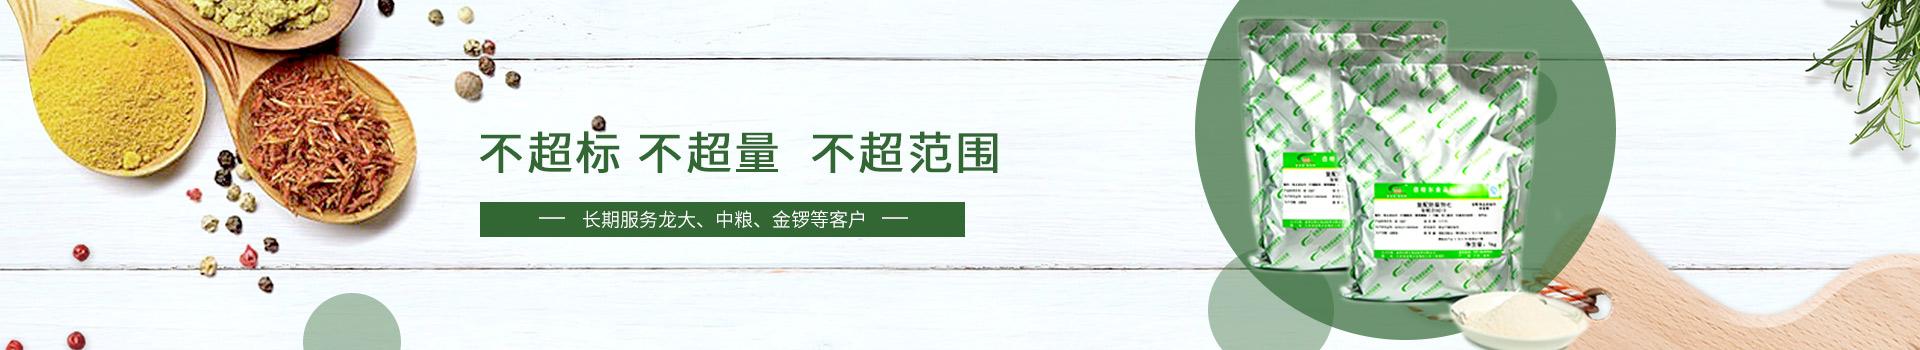 清洁标签防腐调味剂